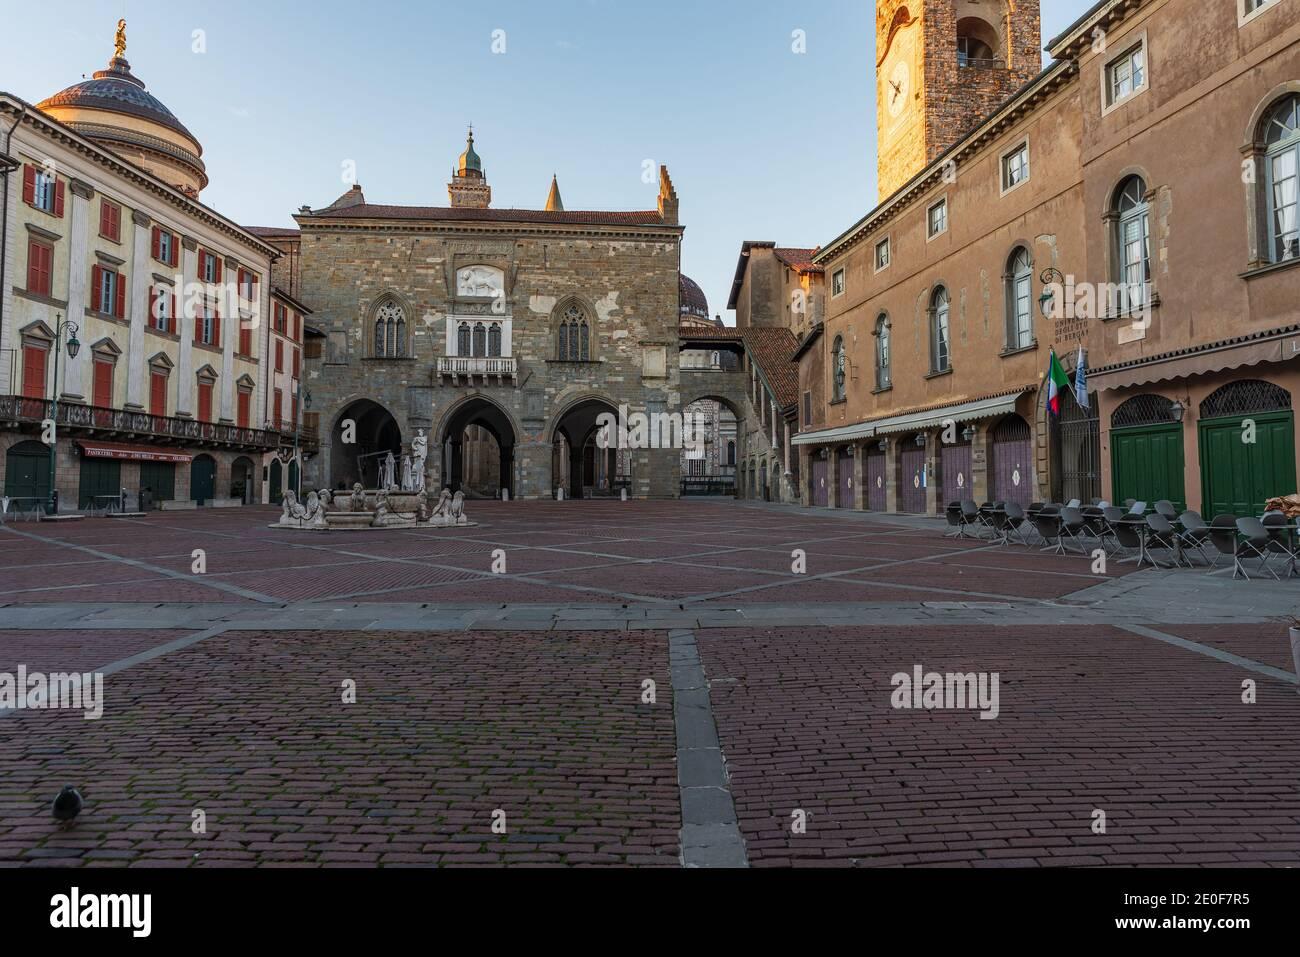 Panorama of Piazza Vecchia with the Contarini Fountain and in the background the Palazzo della Ragione in Piazza Vecchia in Bergamo Alta, Italy Stock Photo